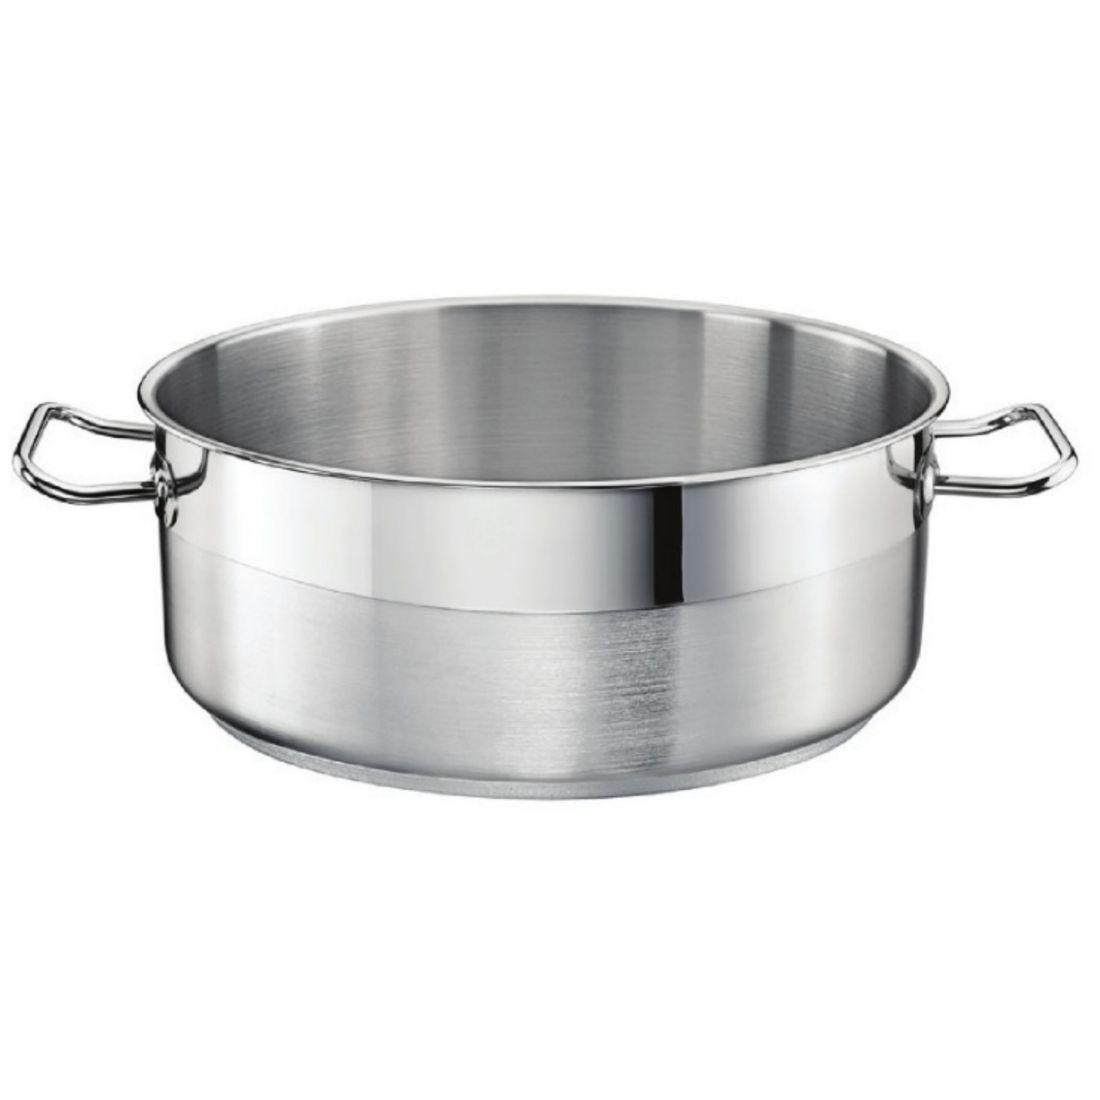 Hrnec nízký TOMGAST Silver 4,5 l